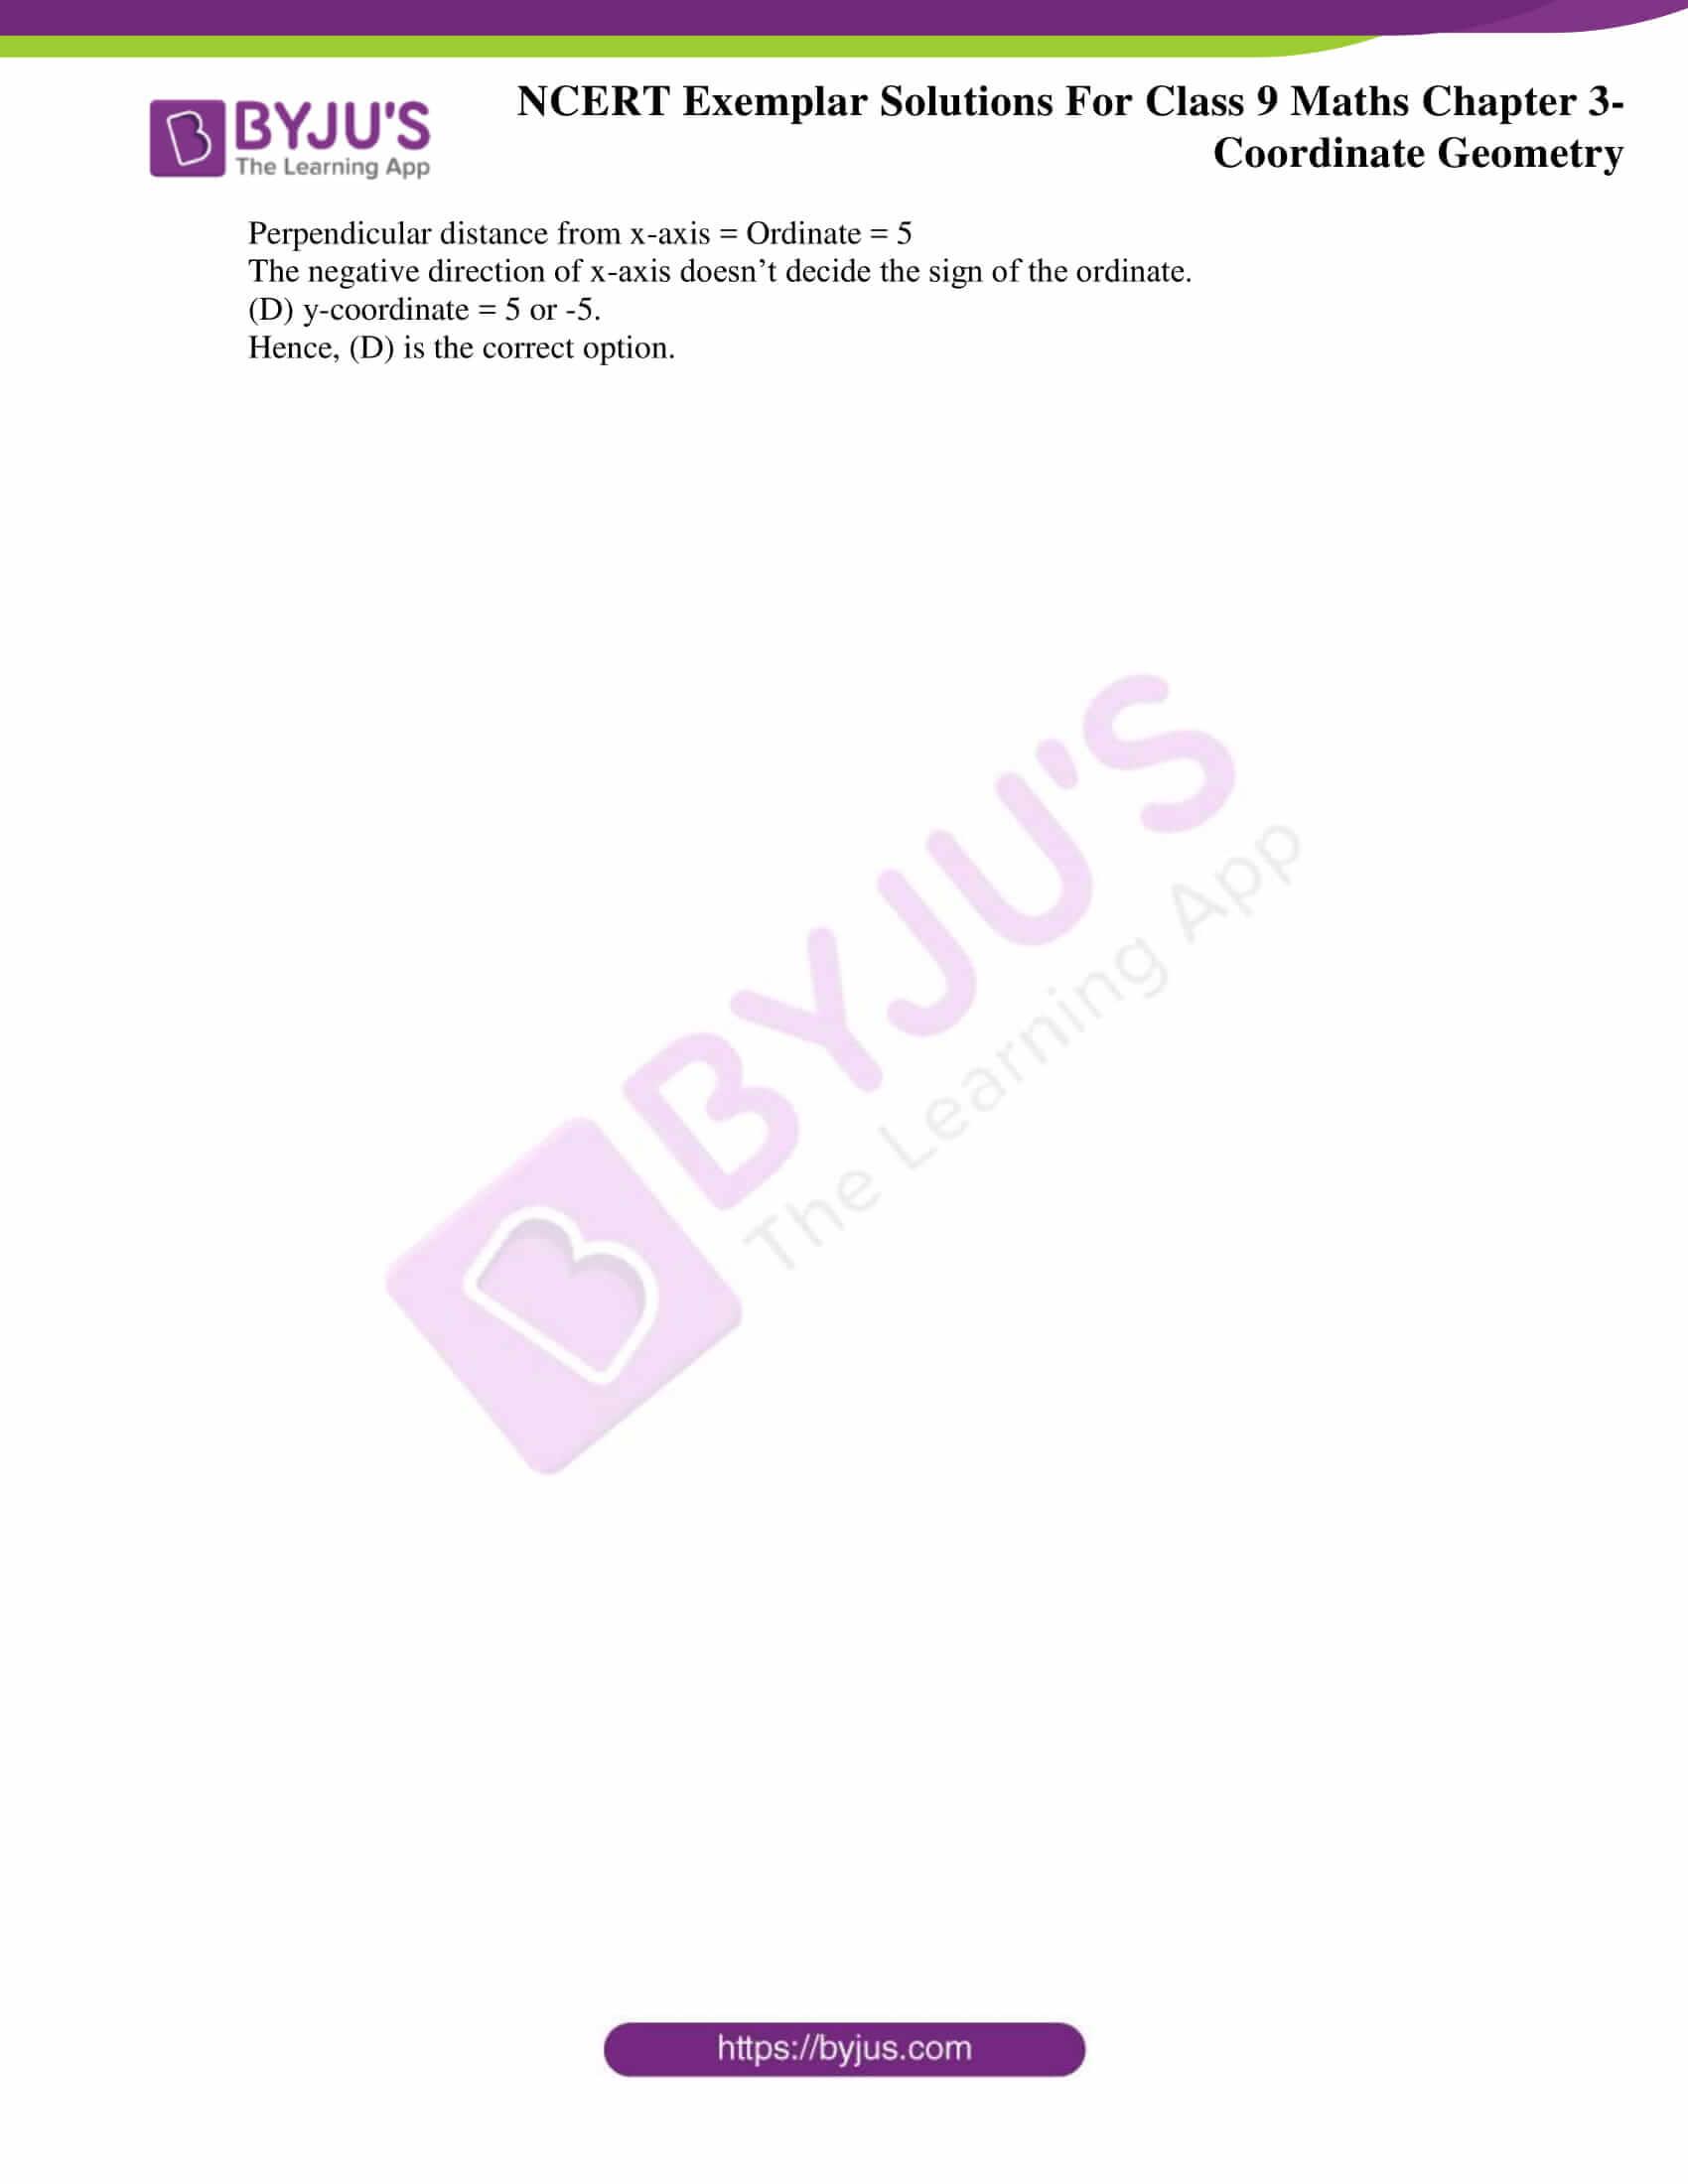 NCERT Exemplar Solutions for Class 9 Maths Chapter 3 04